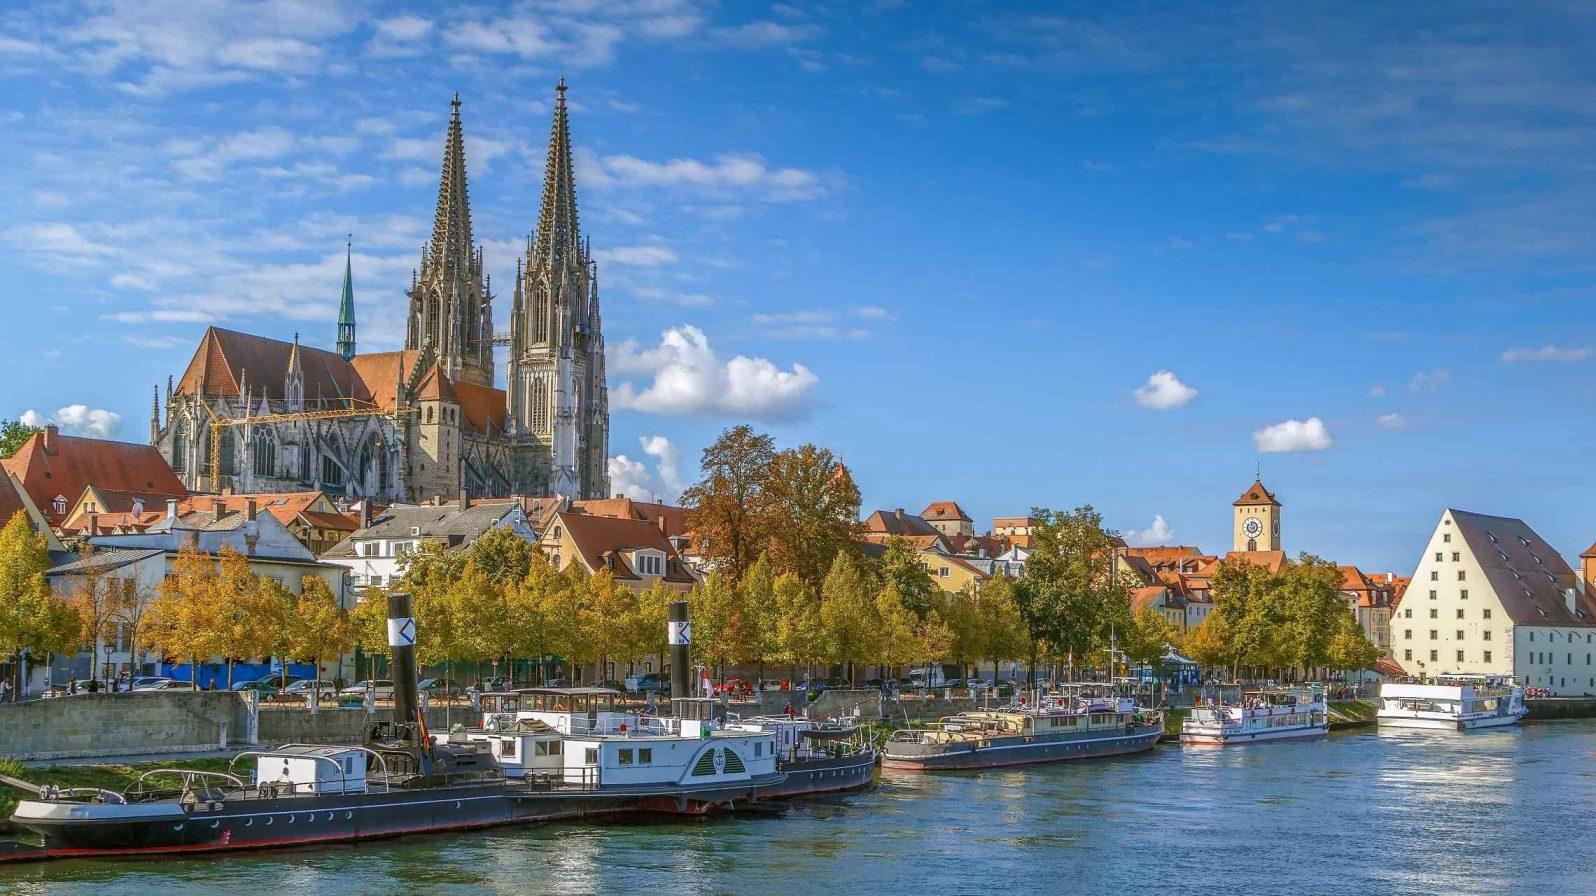 Regensburg-Saksa-1596x896.jpg